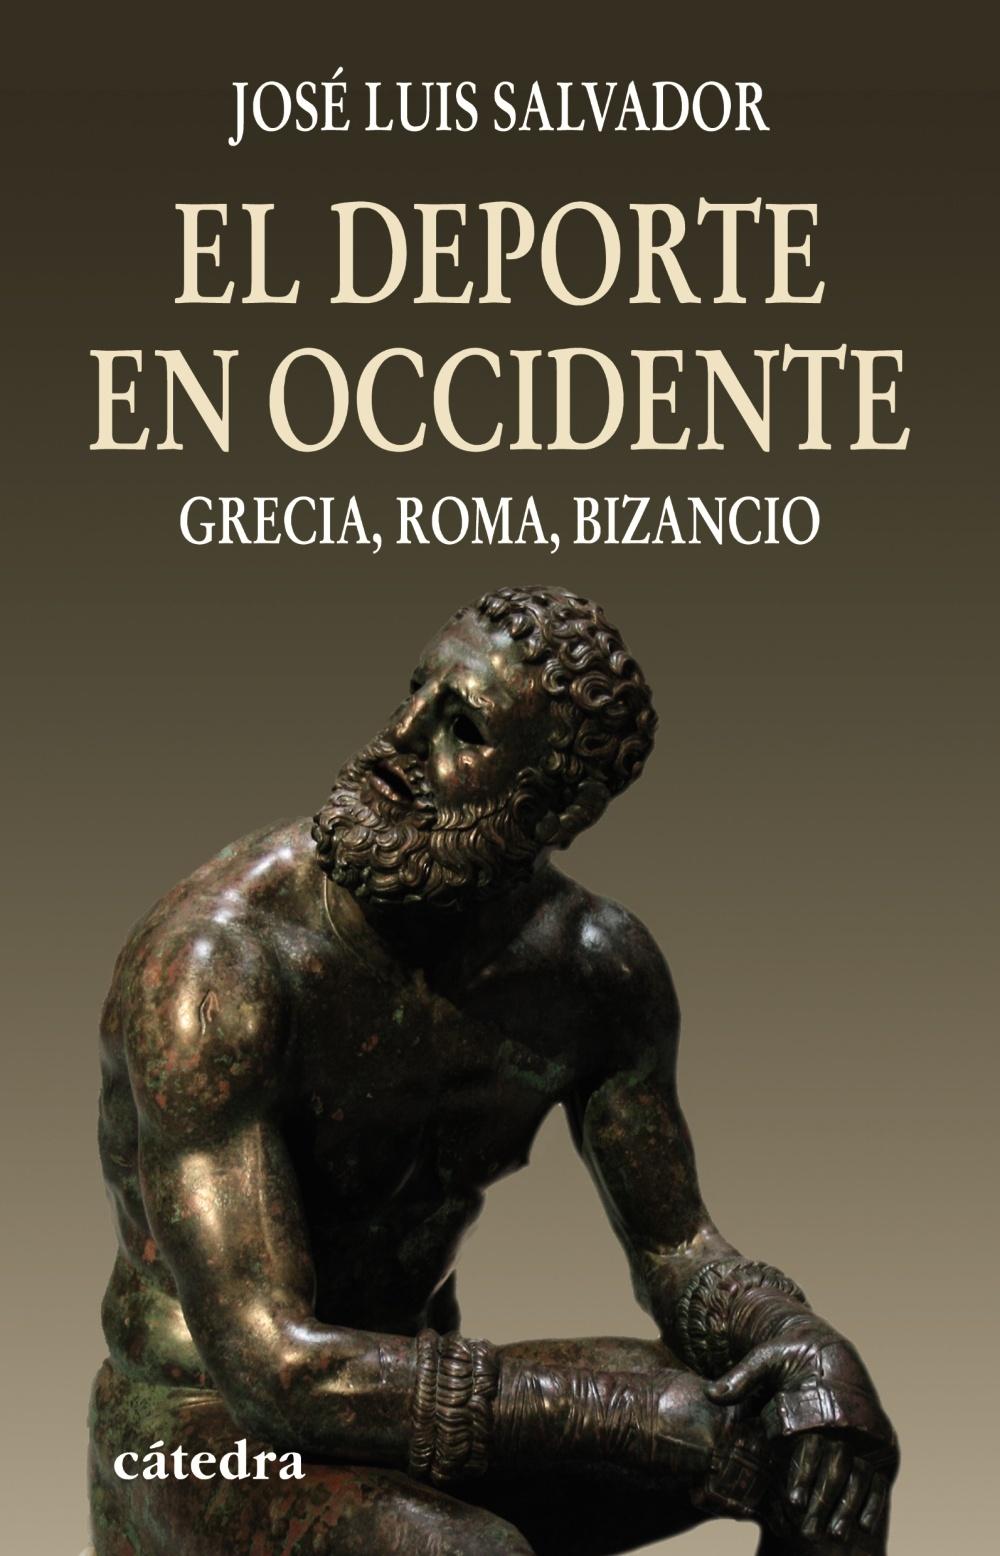 EL DEPORTE EN OCCIDENTE: GRECIA, ROMA, BIZANCIO